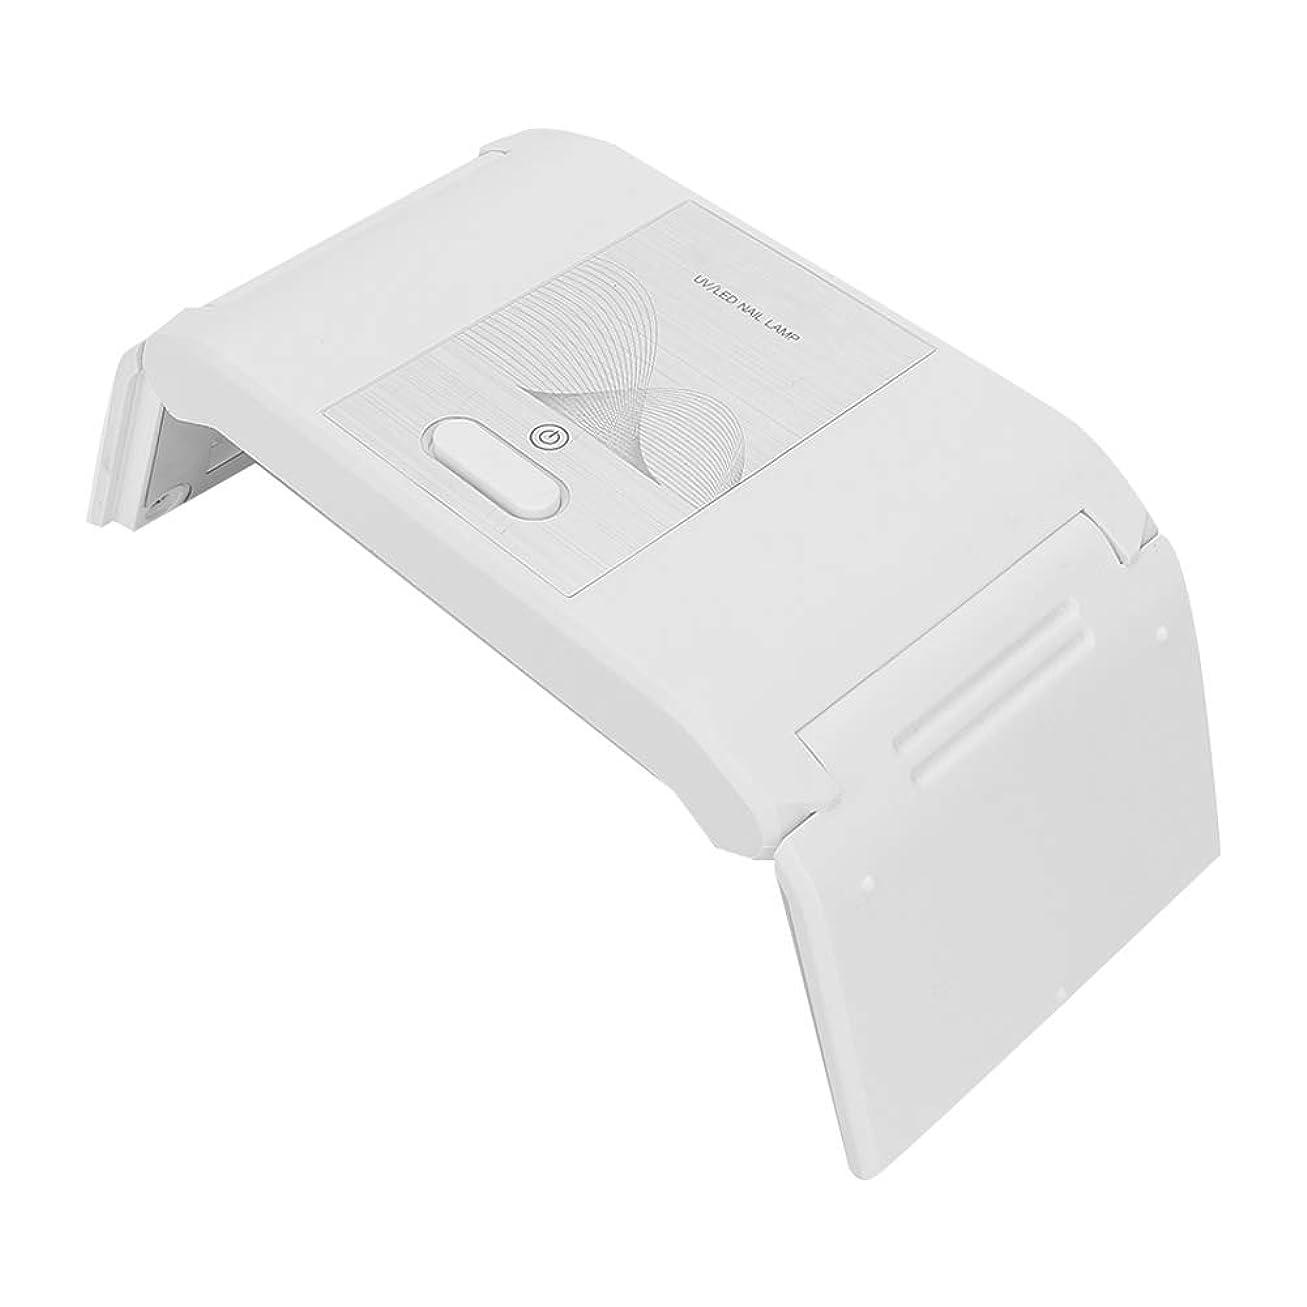 ポスト印象派溶けたデマンドネイルドライヤー 24W 折りたたみ ポータブル ネイルランプ USB LEDジェル付きマニキュアドライヤー ネイルアートマシン(02)